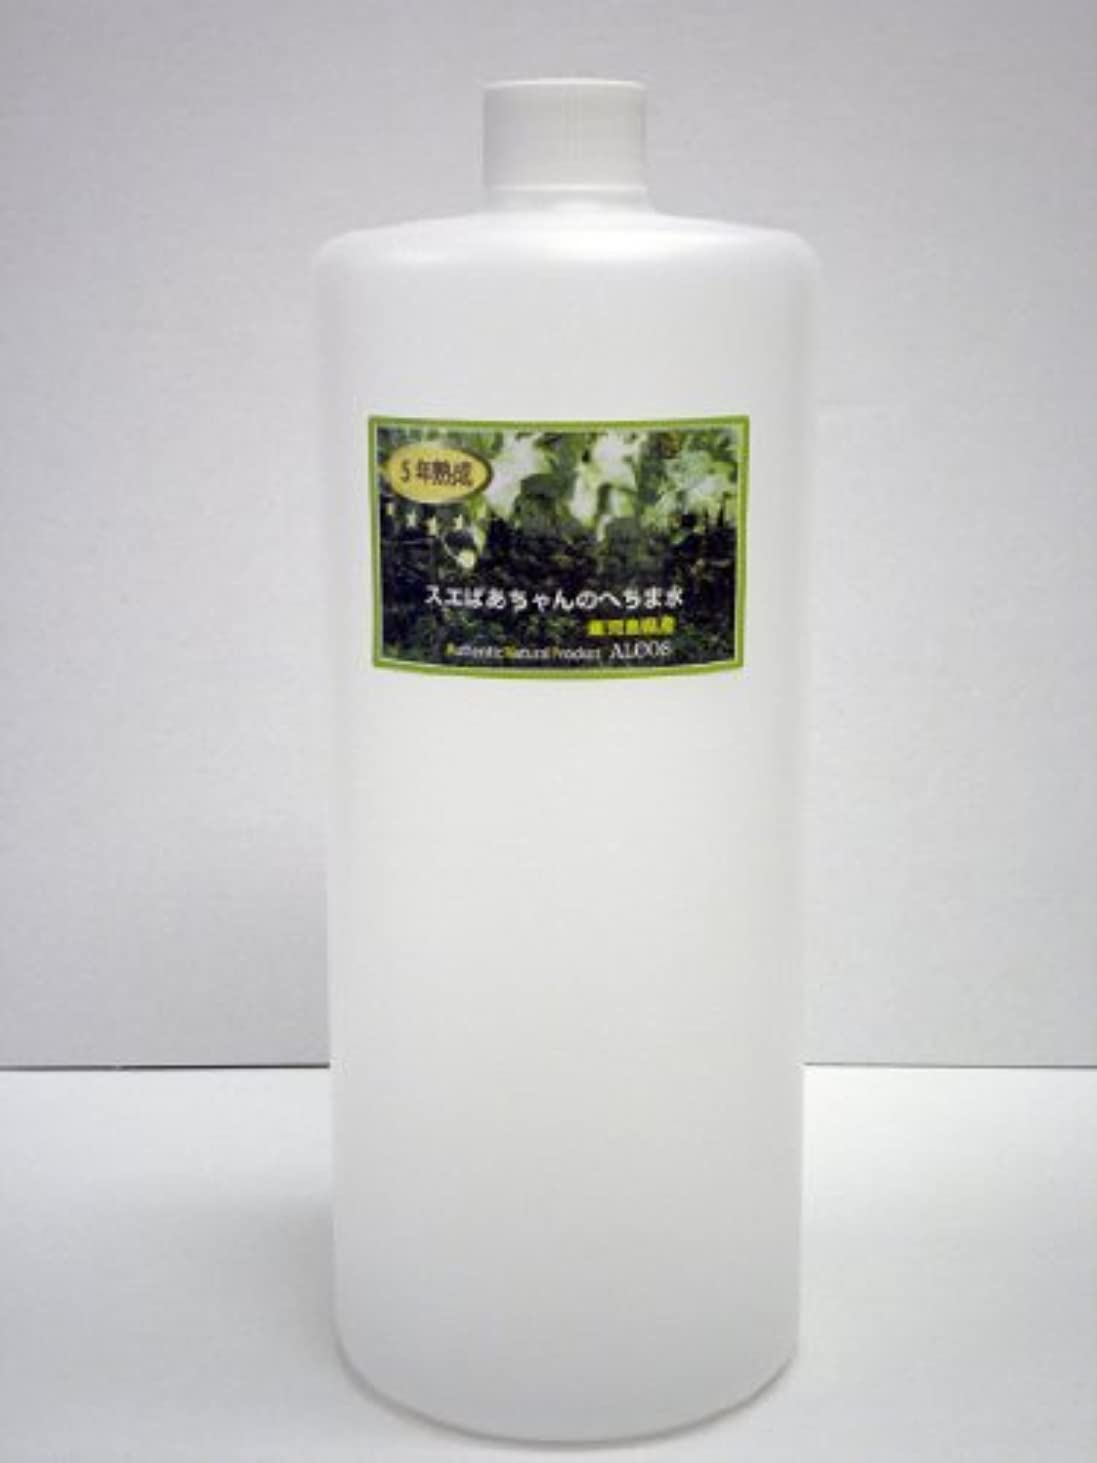 たらいリズム北米5年熟成スエばあちゃんのへちま水(容量1000ml)鹿児島県産?有機栽培(無農薬) ※完全無添加オーガニックヘチマ水100% ※商品のラベルはスエばあちゃんのへちま畑の写真です。ALCOS(アルコス) 天然へちま水 [5...